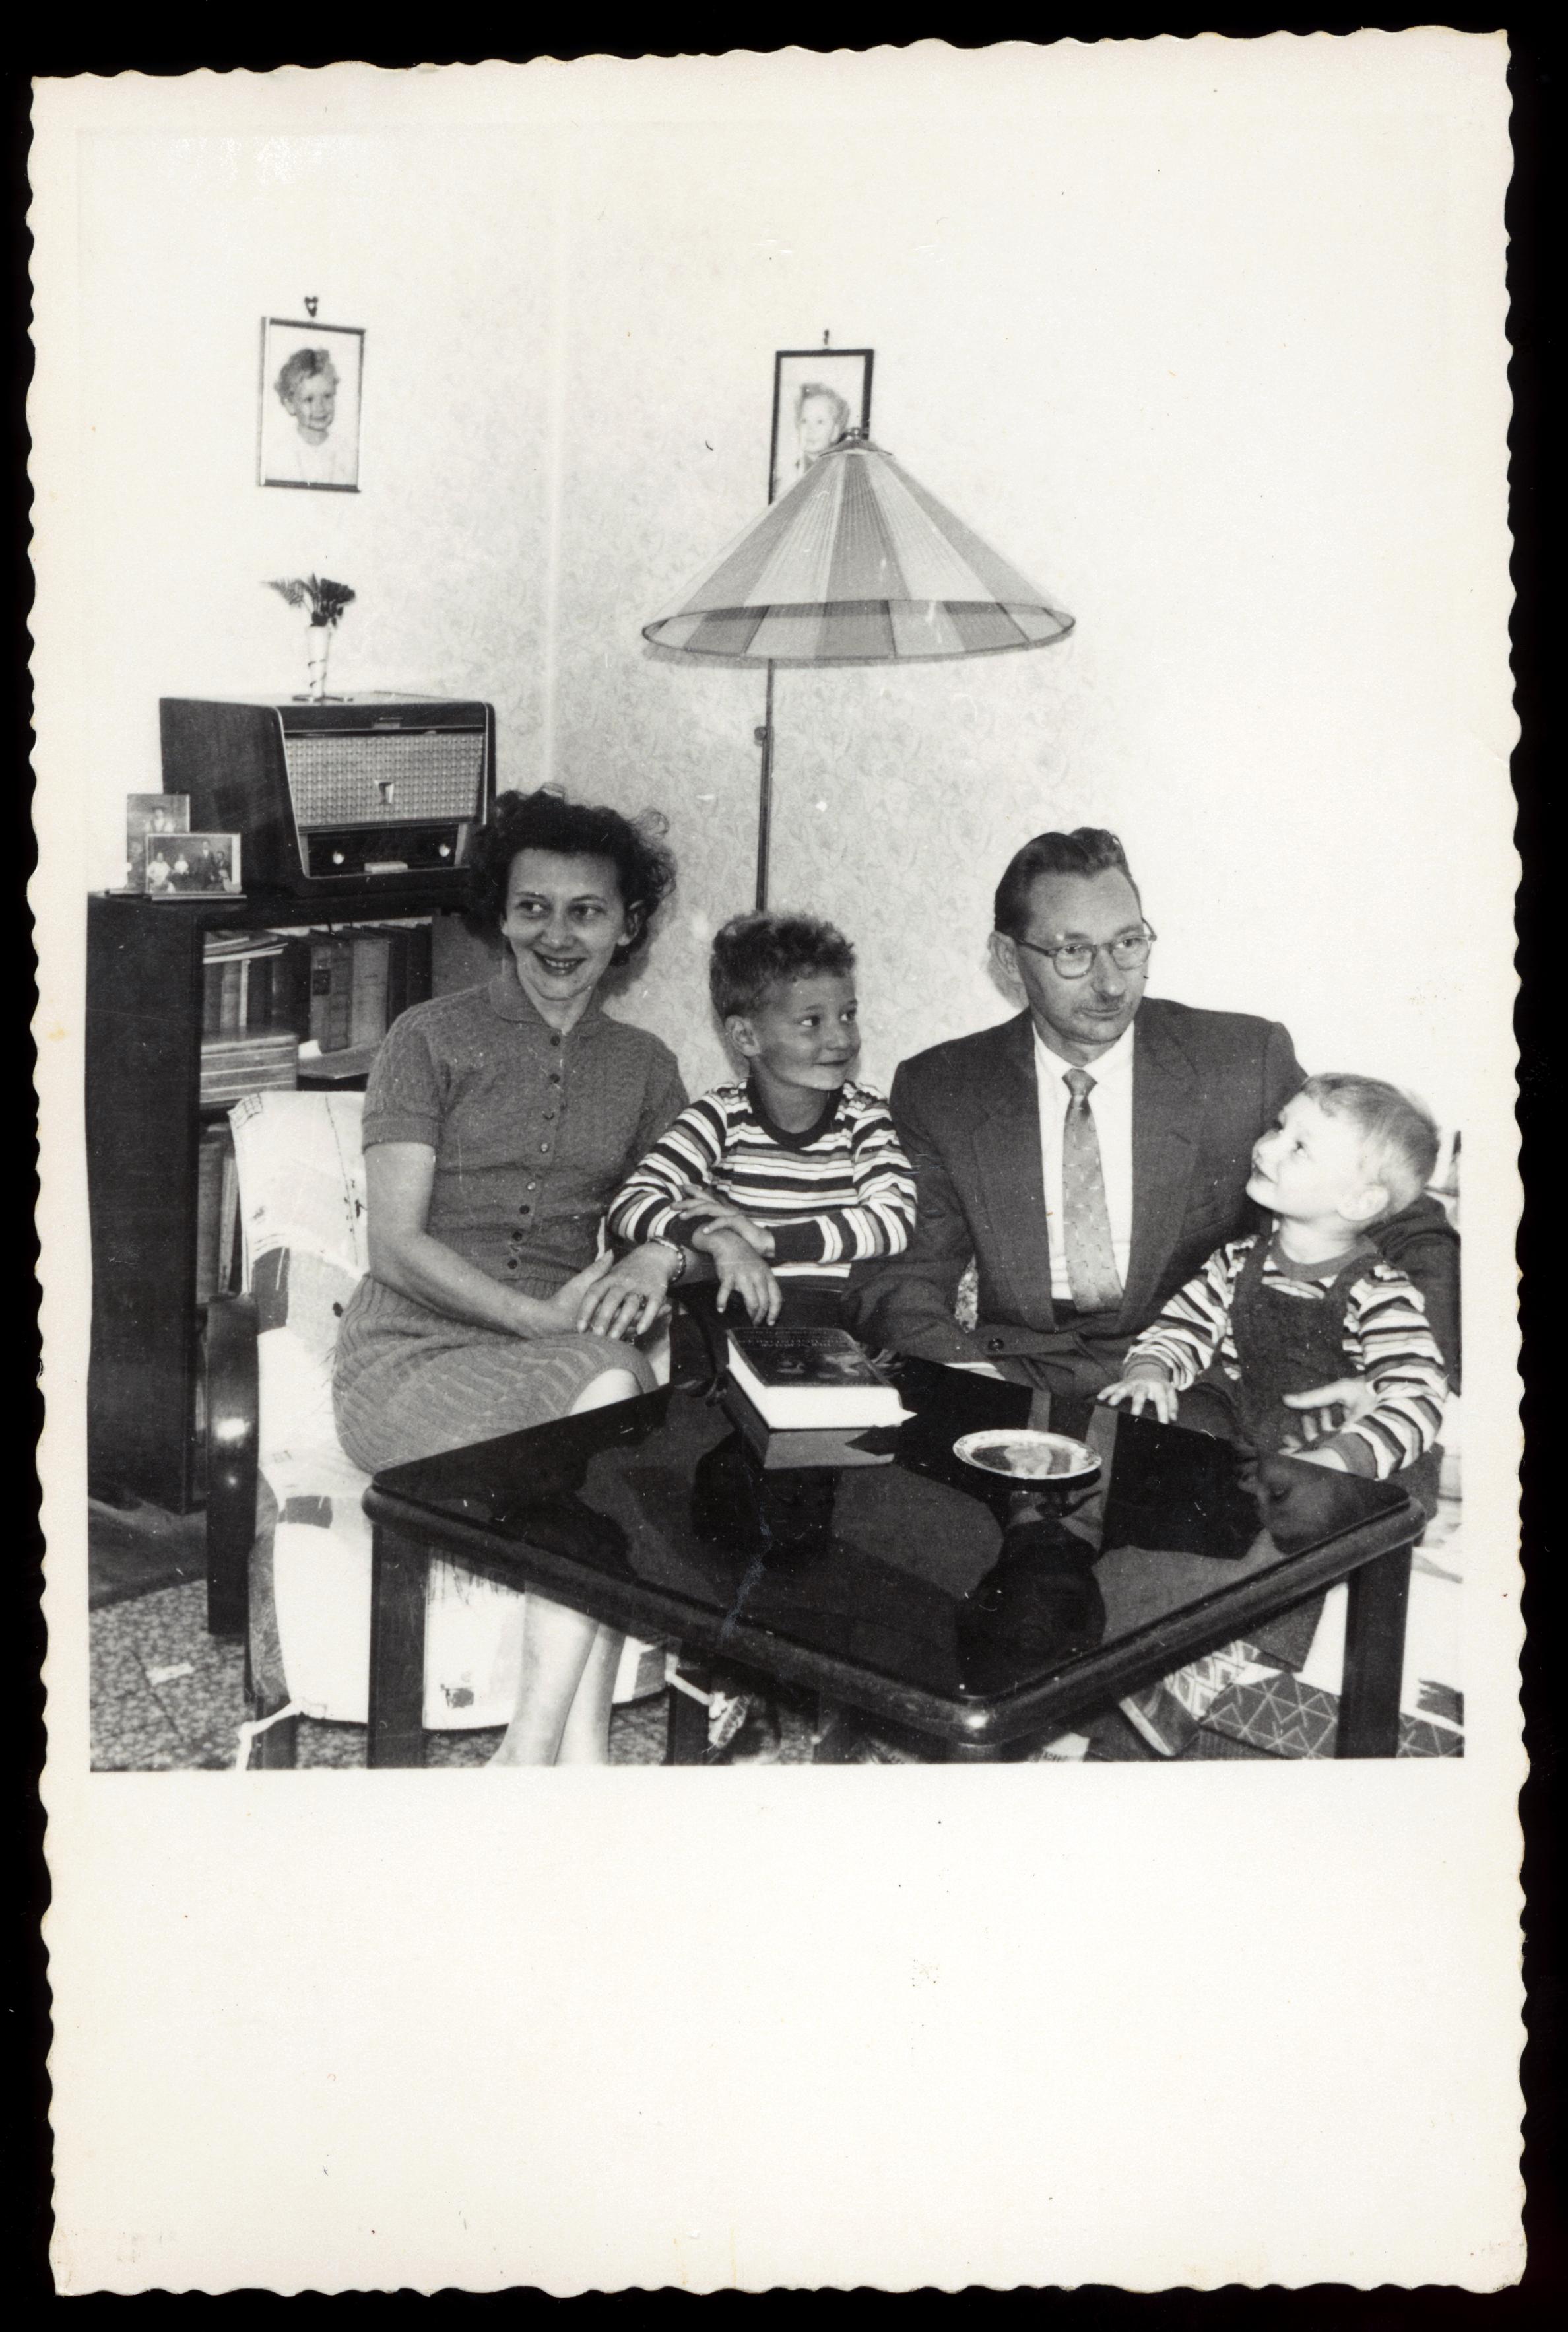 Max und Lilli Tauber mit ihren Söhnen Willi und Heinz